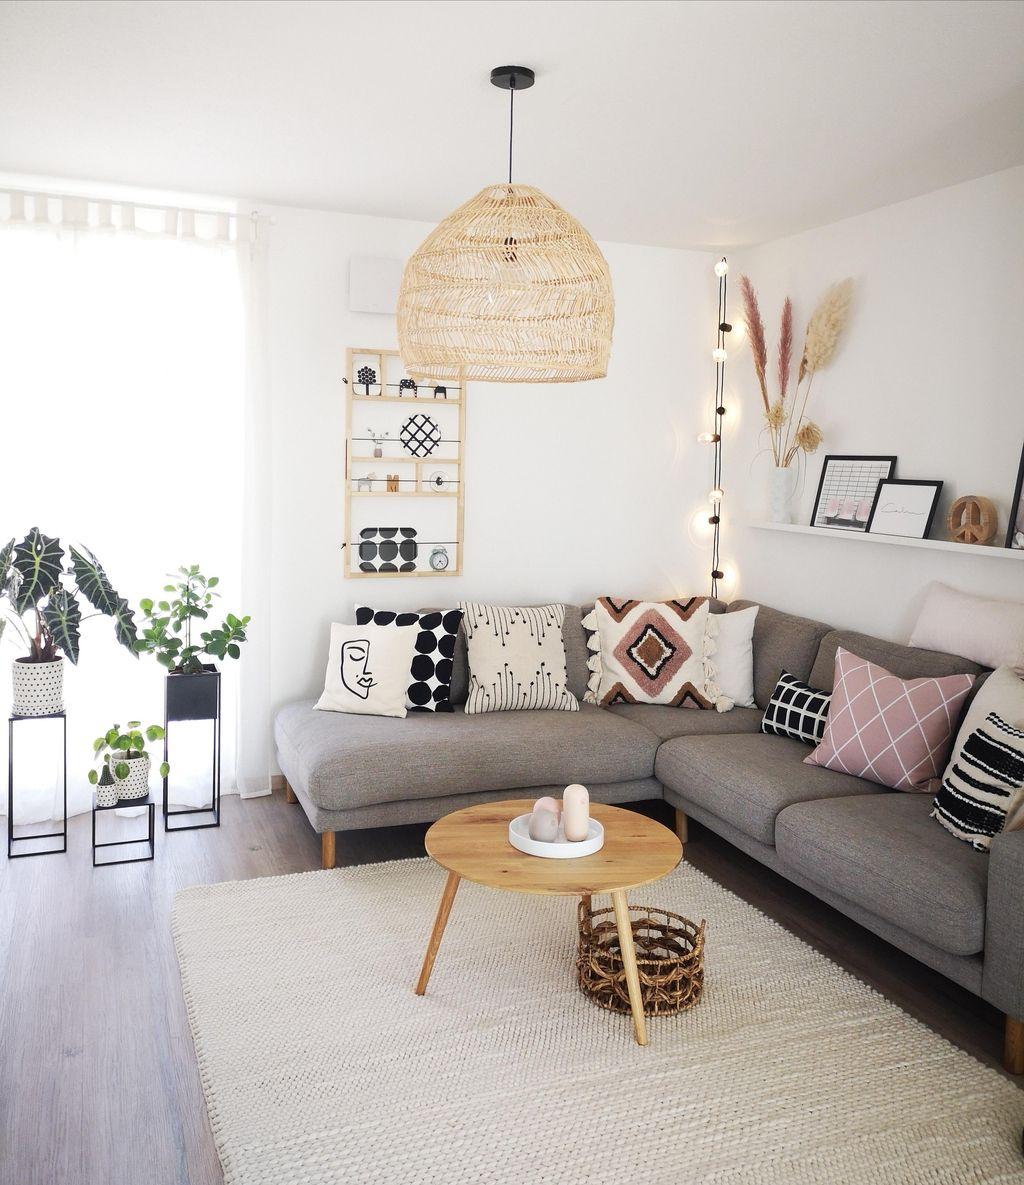 Unser Wohnzimmer Im Skandistyle Mit Sanften Natur U Wohnzimmer Einrichten Inspiration Wohnzimmer Einrichten Wohnung Wohnzimmer